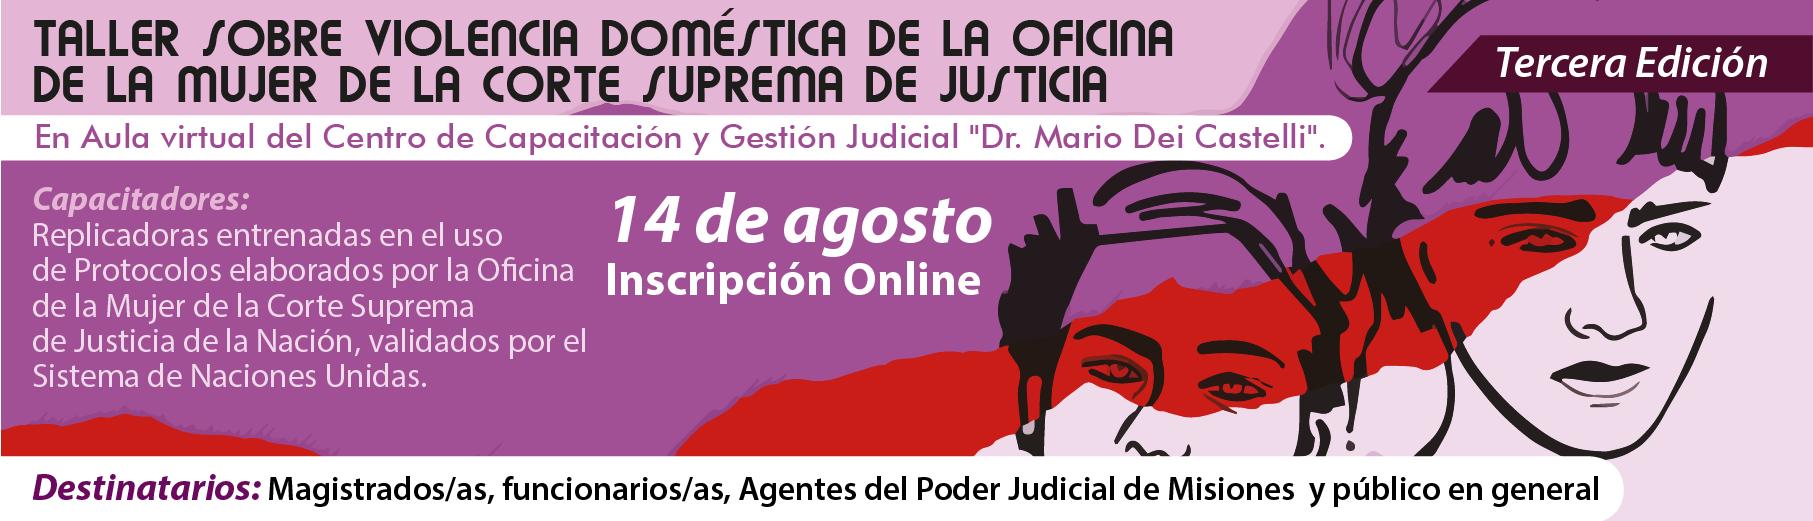 3ra Edición del Taller sobre Violencia Doméstica de la Oficina de la mujer de la Corte Suprema de Justicia